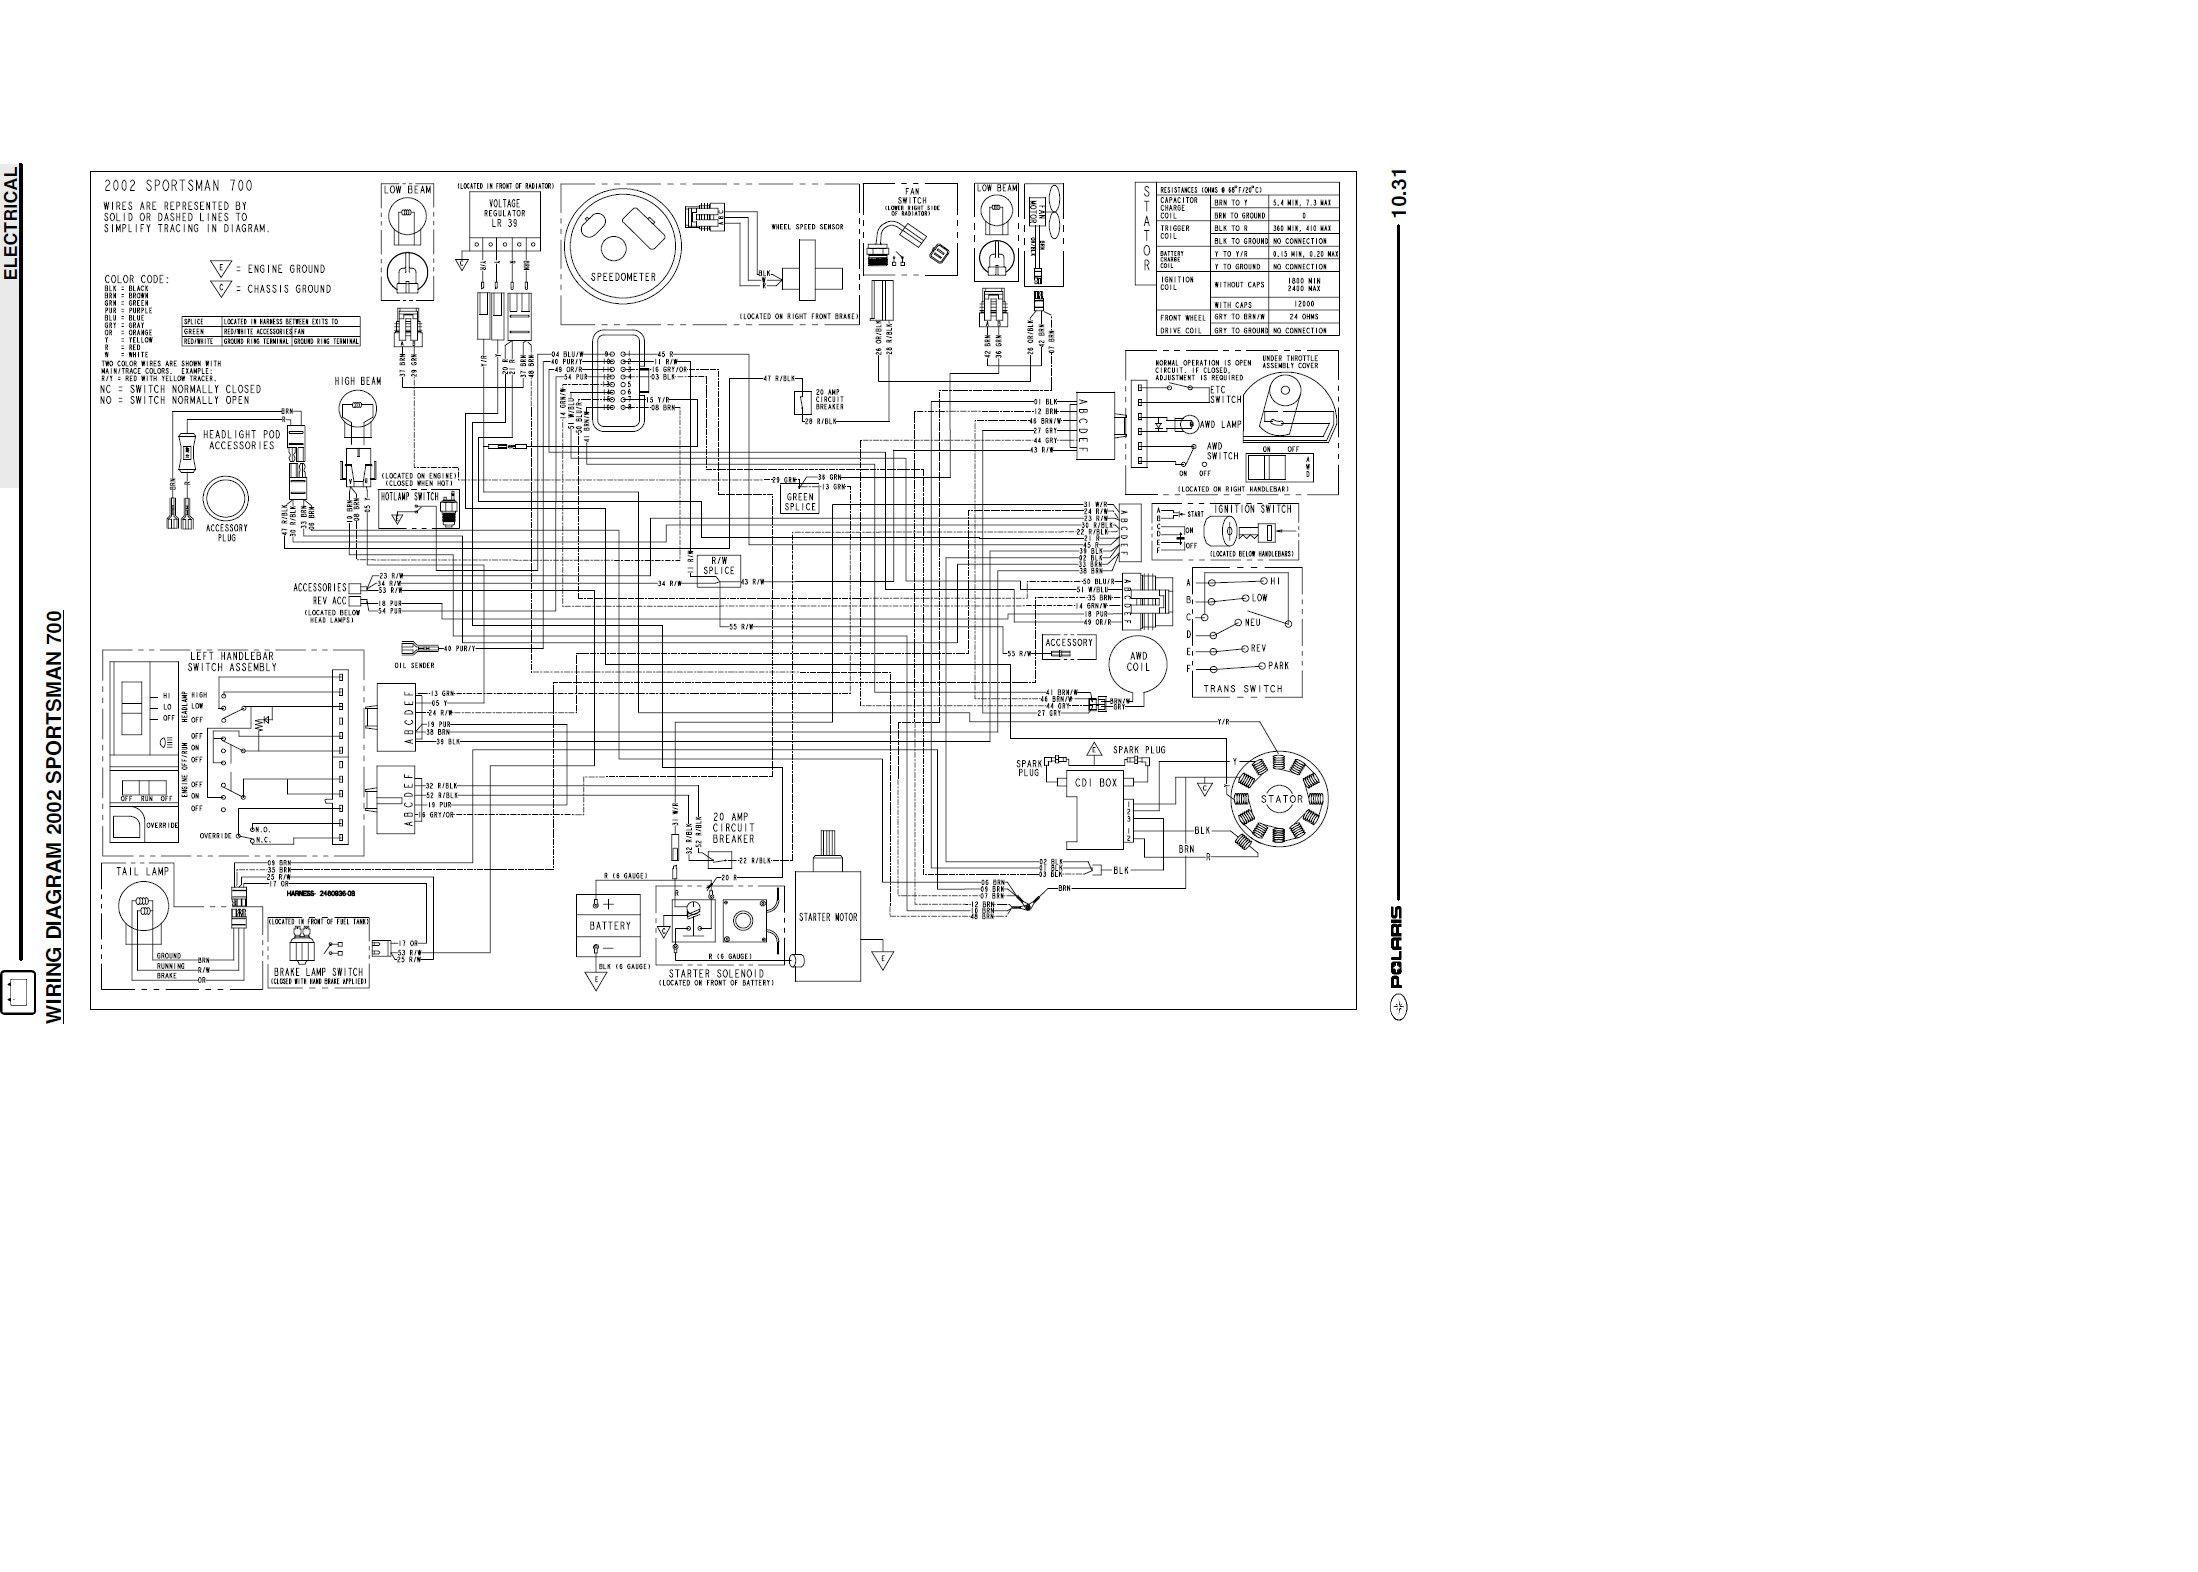 2007 Polaris Ranger 700 Xp Wiring Diagram Valid Wiring Diagram for | Polaris  rzr, Diagram, RzrPinterest